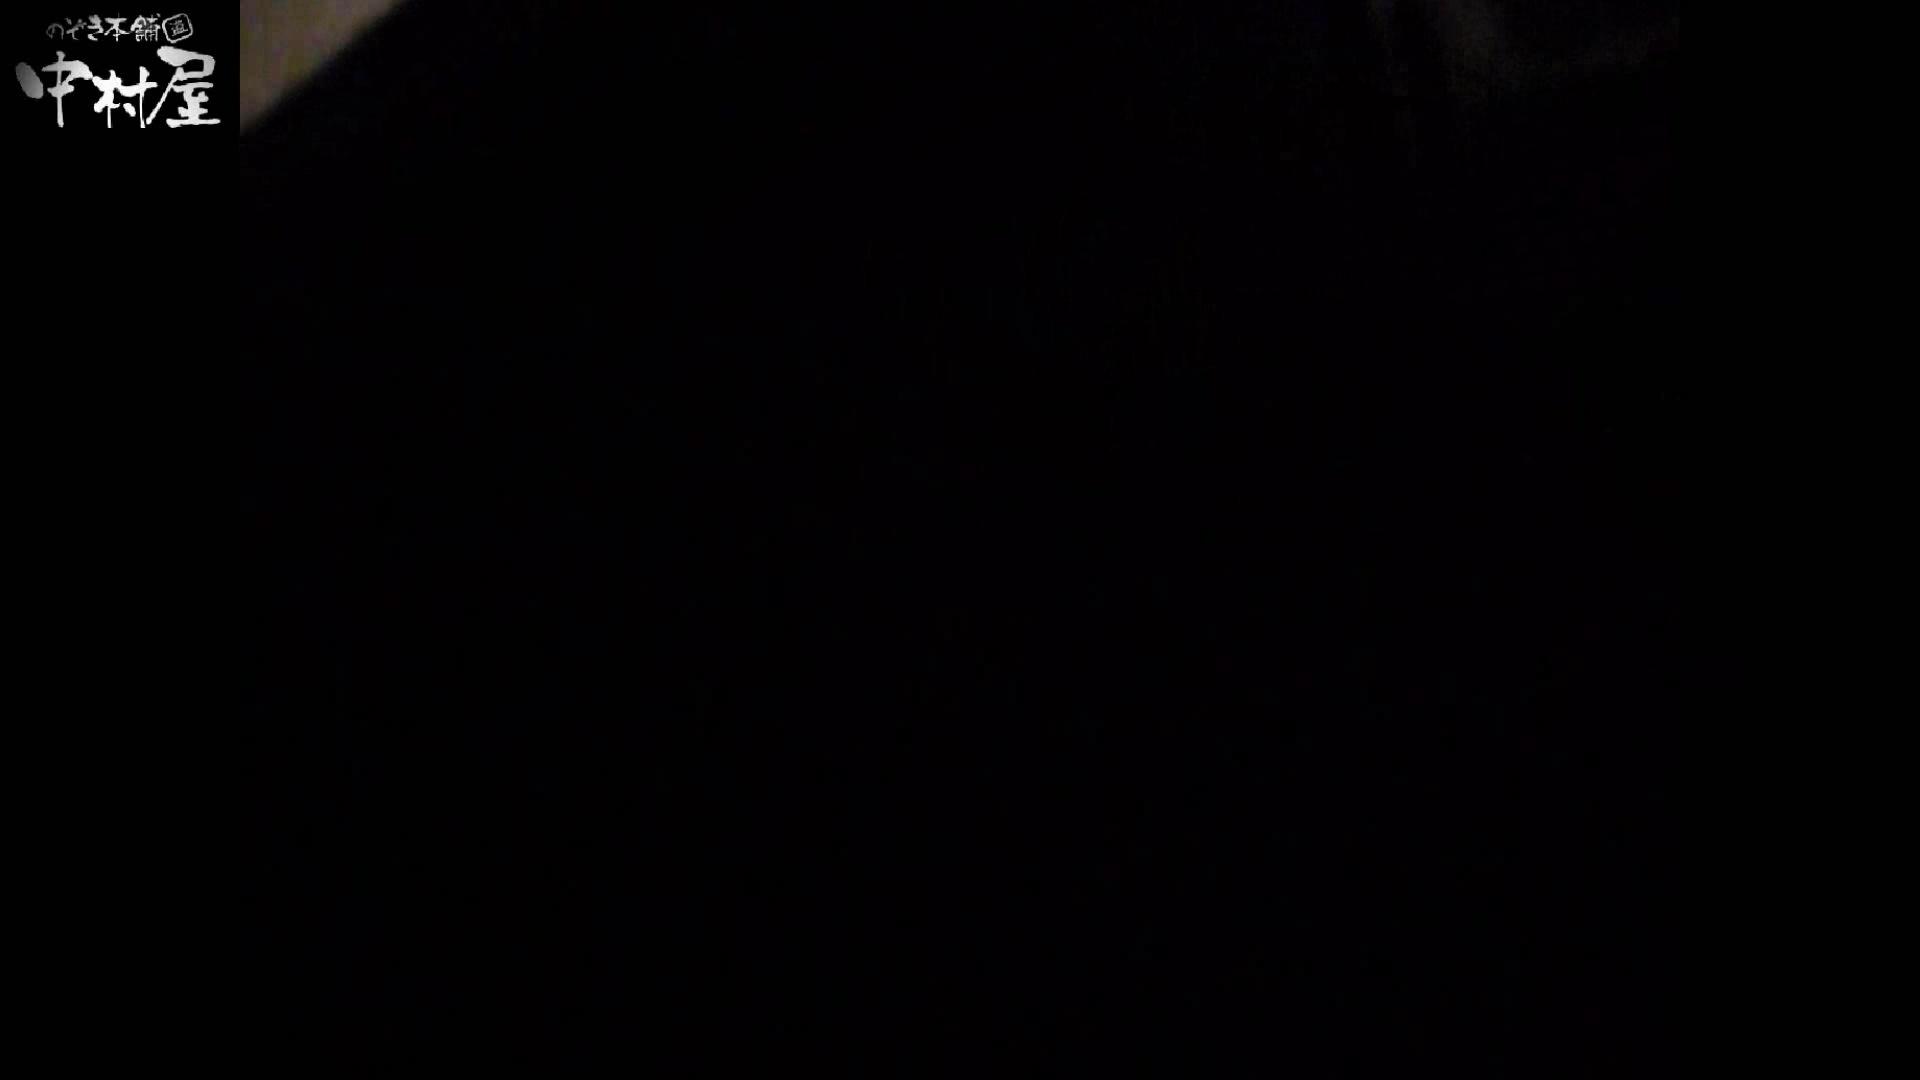 民家風呂専門盗撮師の超危険映像 vol.014 Hな美少女 SEX無修正画像 96pic 22